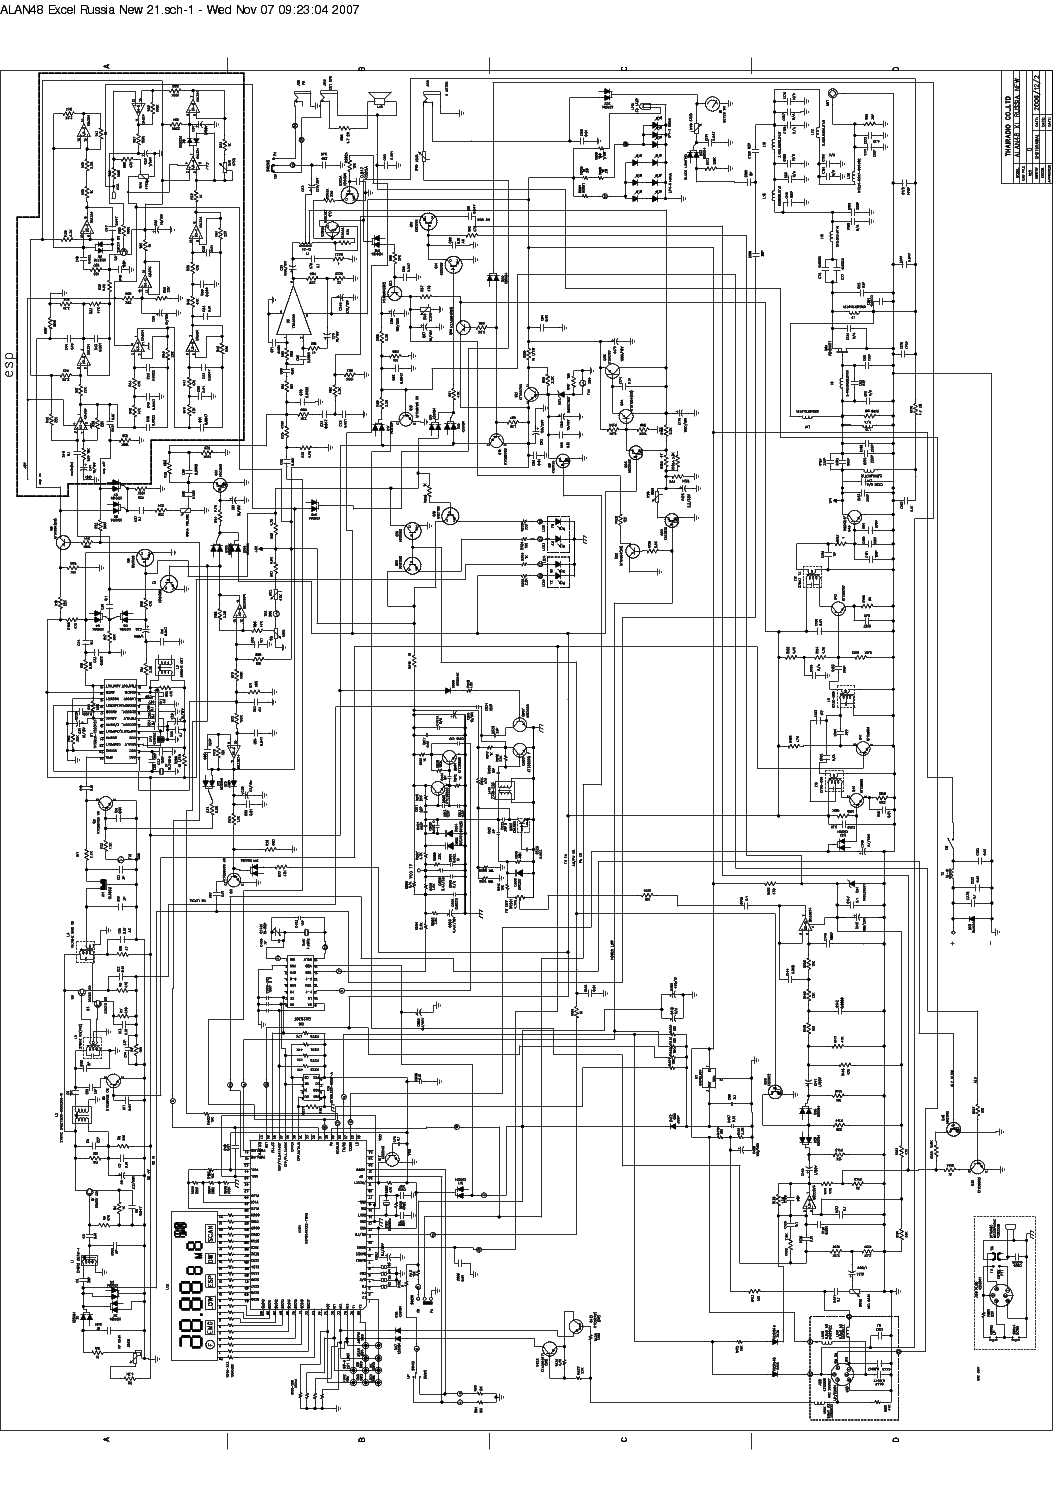 kern k1-m repair manual